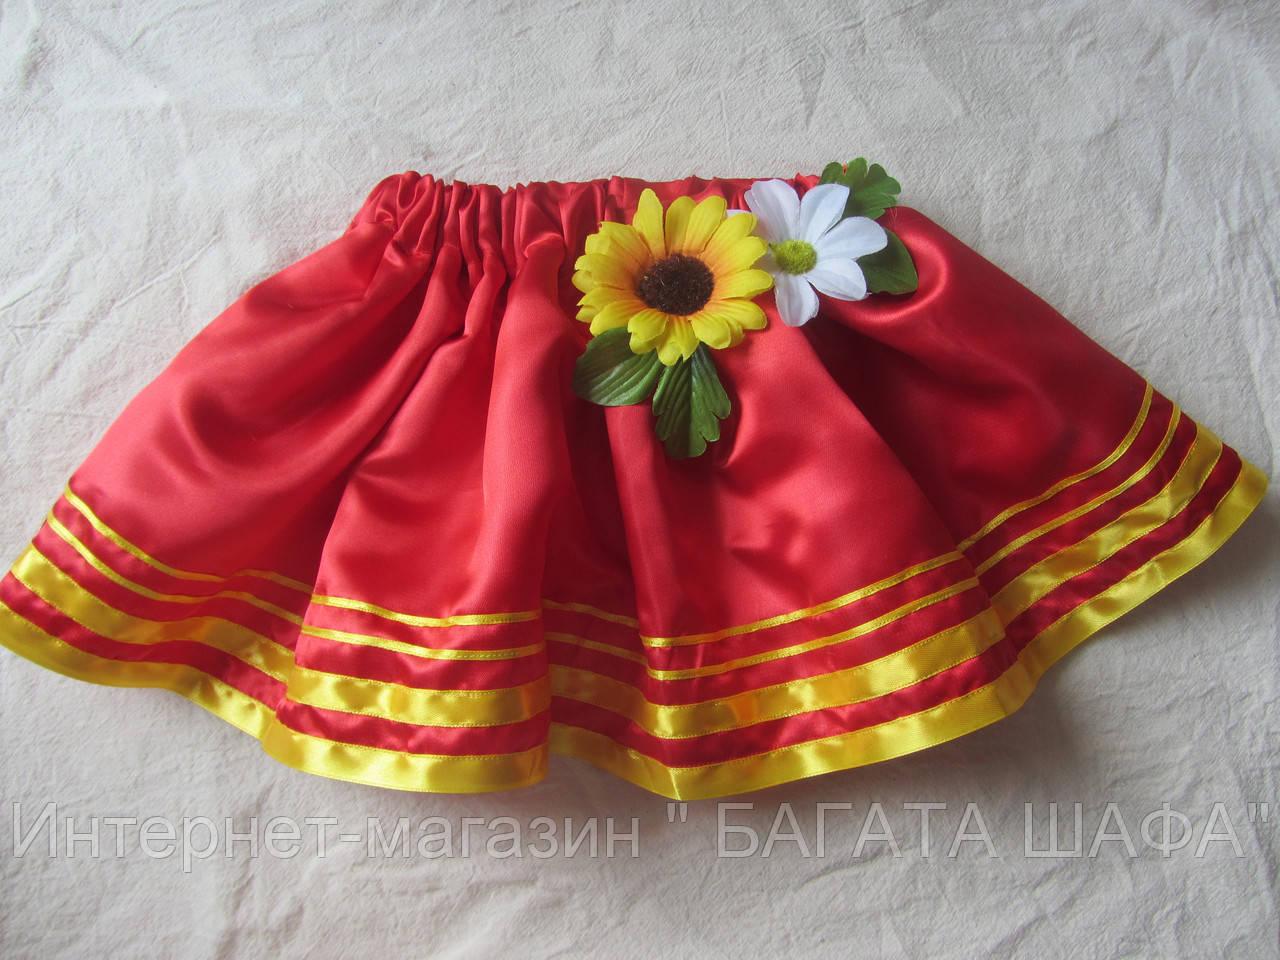 Украинская юбка для девочки своими руками